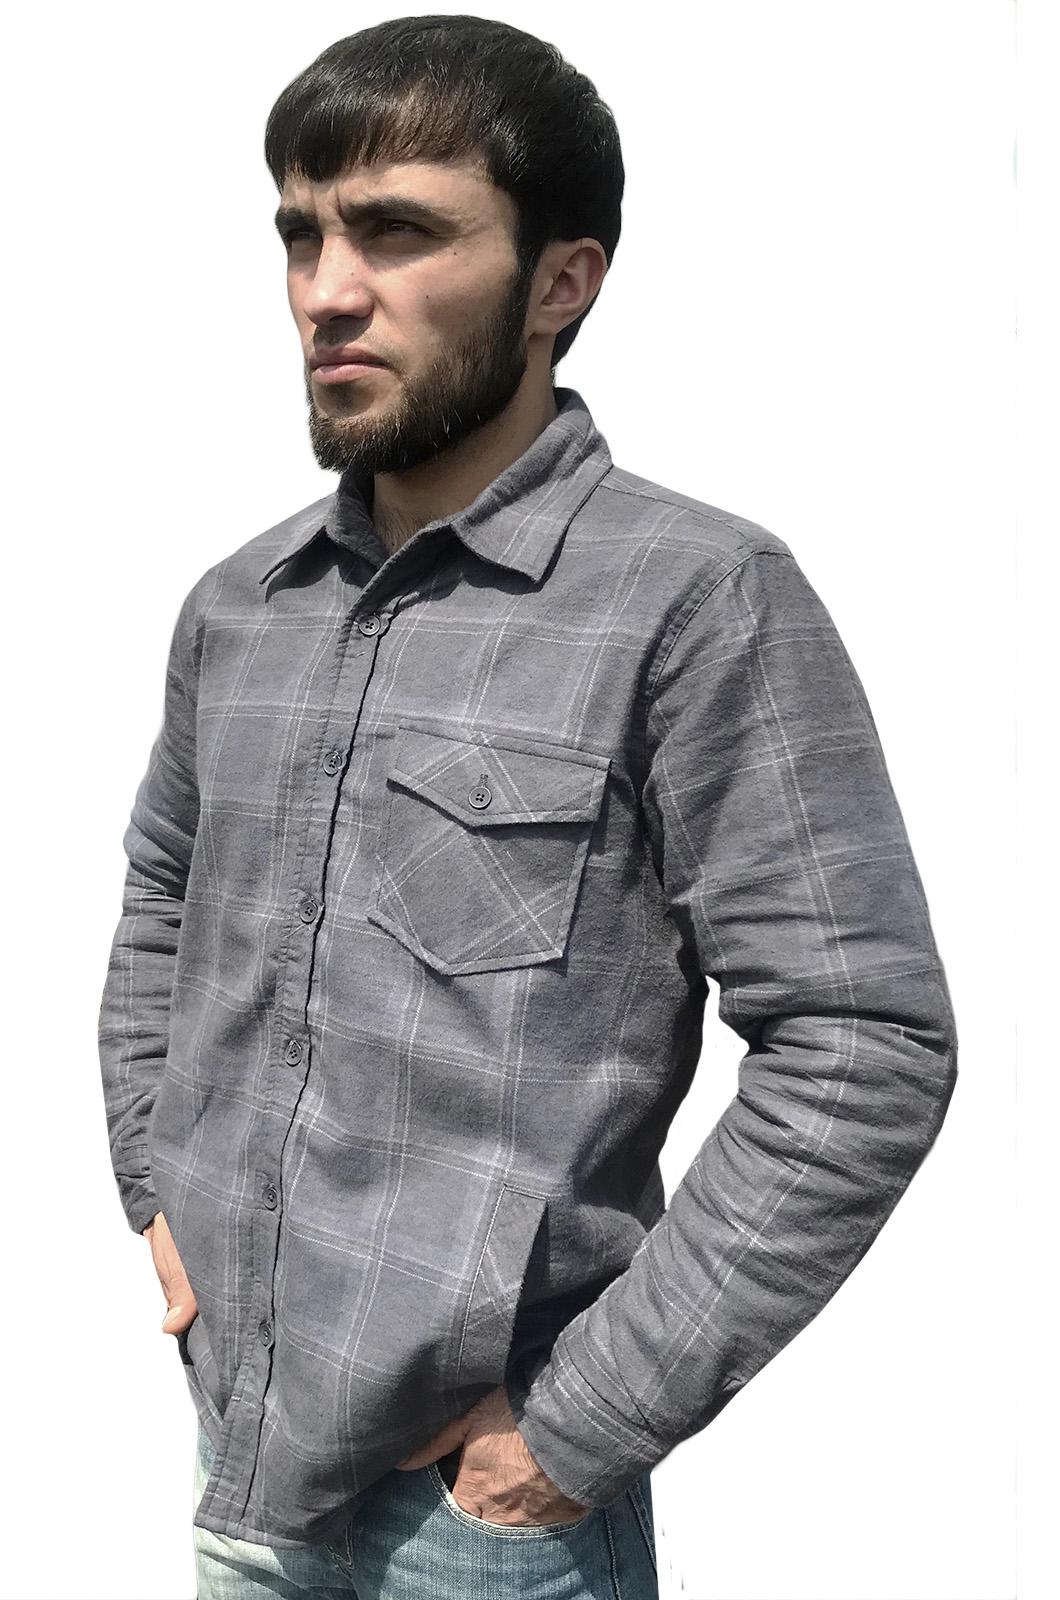 Клетчатая мужская рубашка с вышитым шевроном Автомобильные Войска - купить онлайн